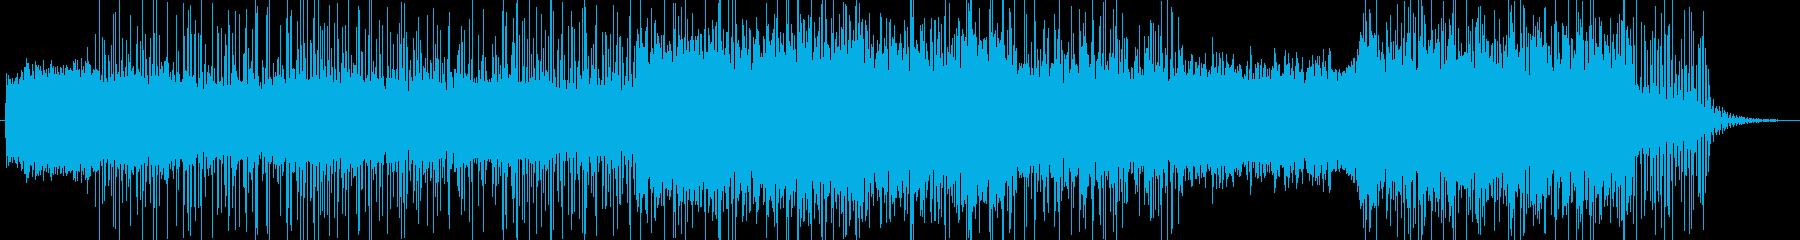 浸透感と反響感のデジタルループ系BGMの再生済みの波形